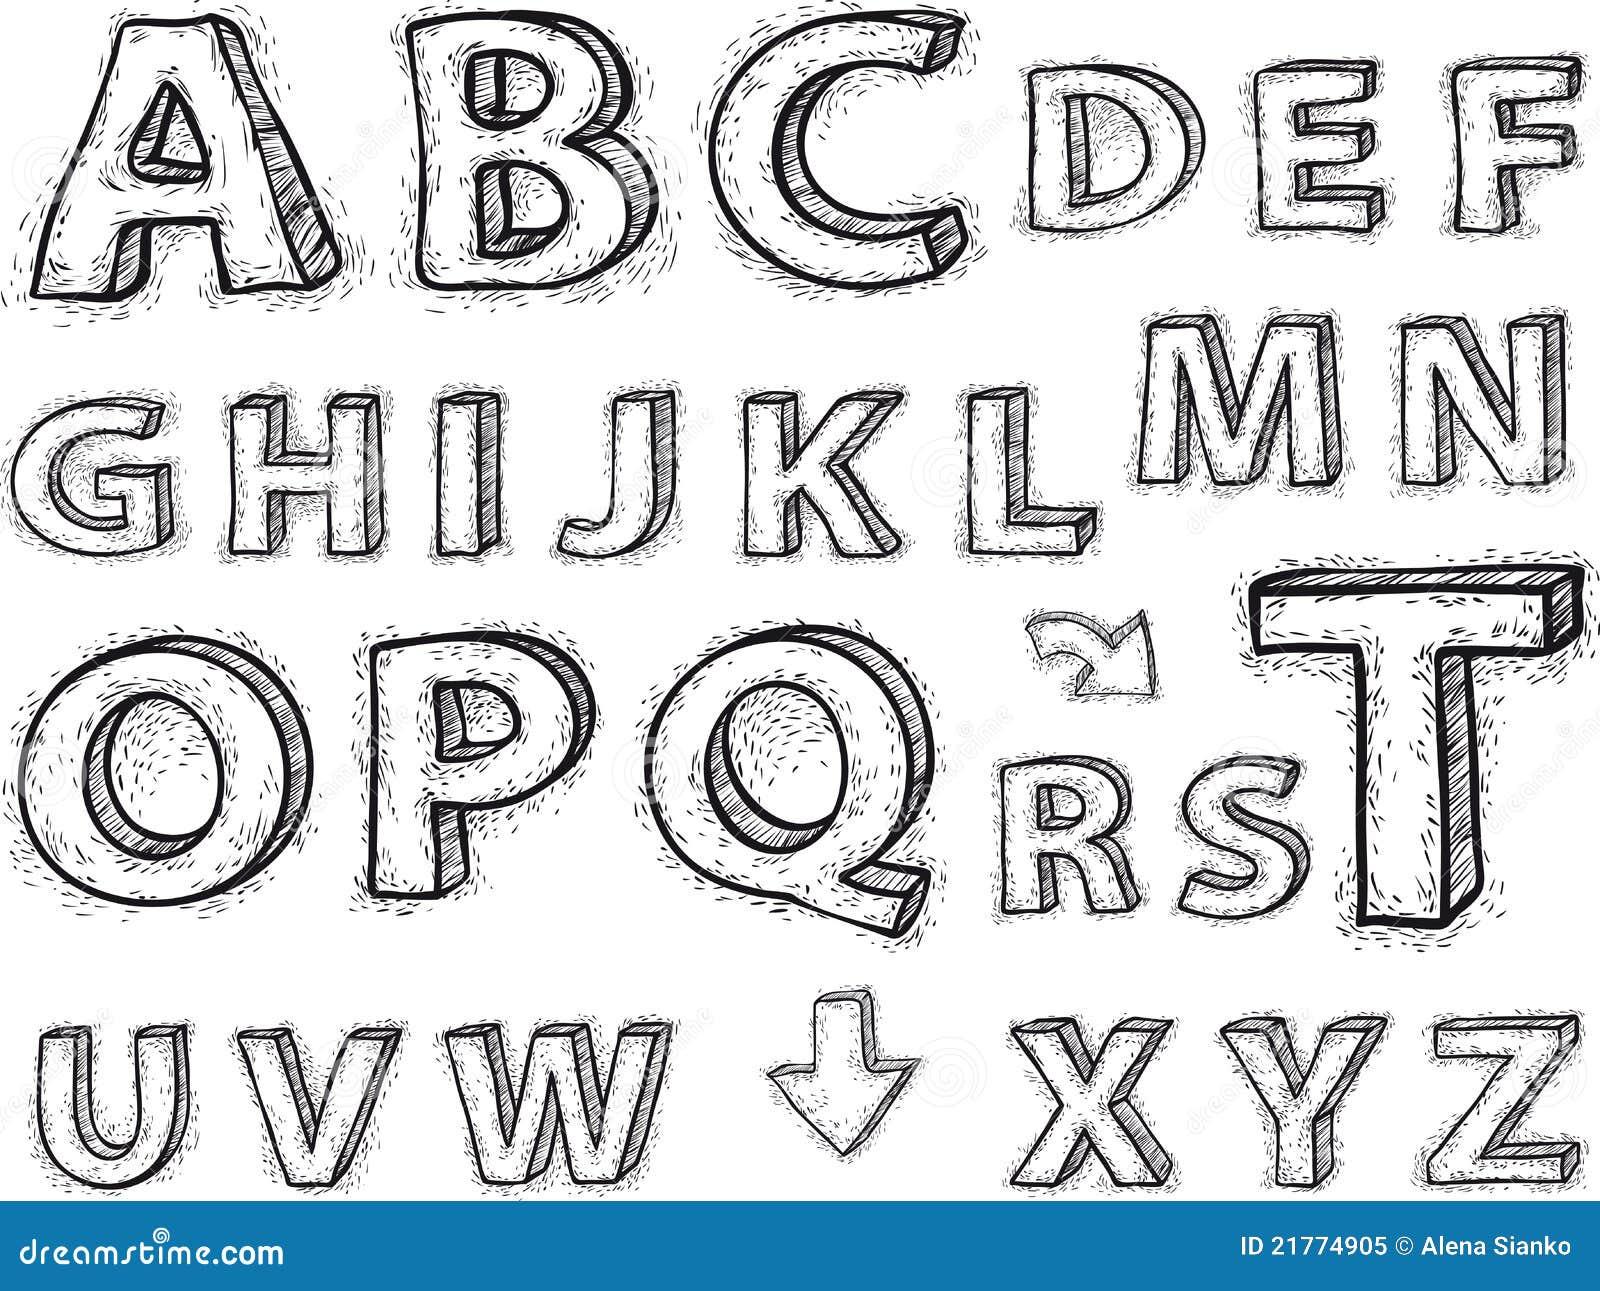 Dessin de l 39 alphabet les lettres ne sont pas fond - Dessin en relief a imprimer ...